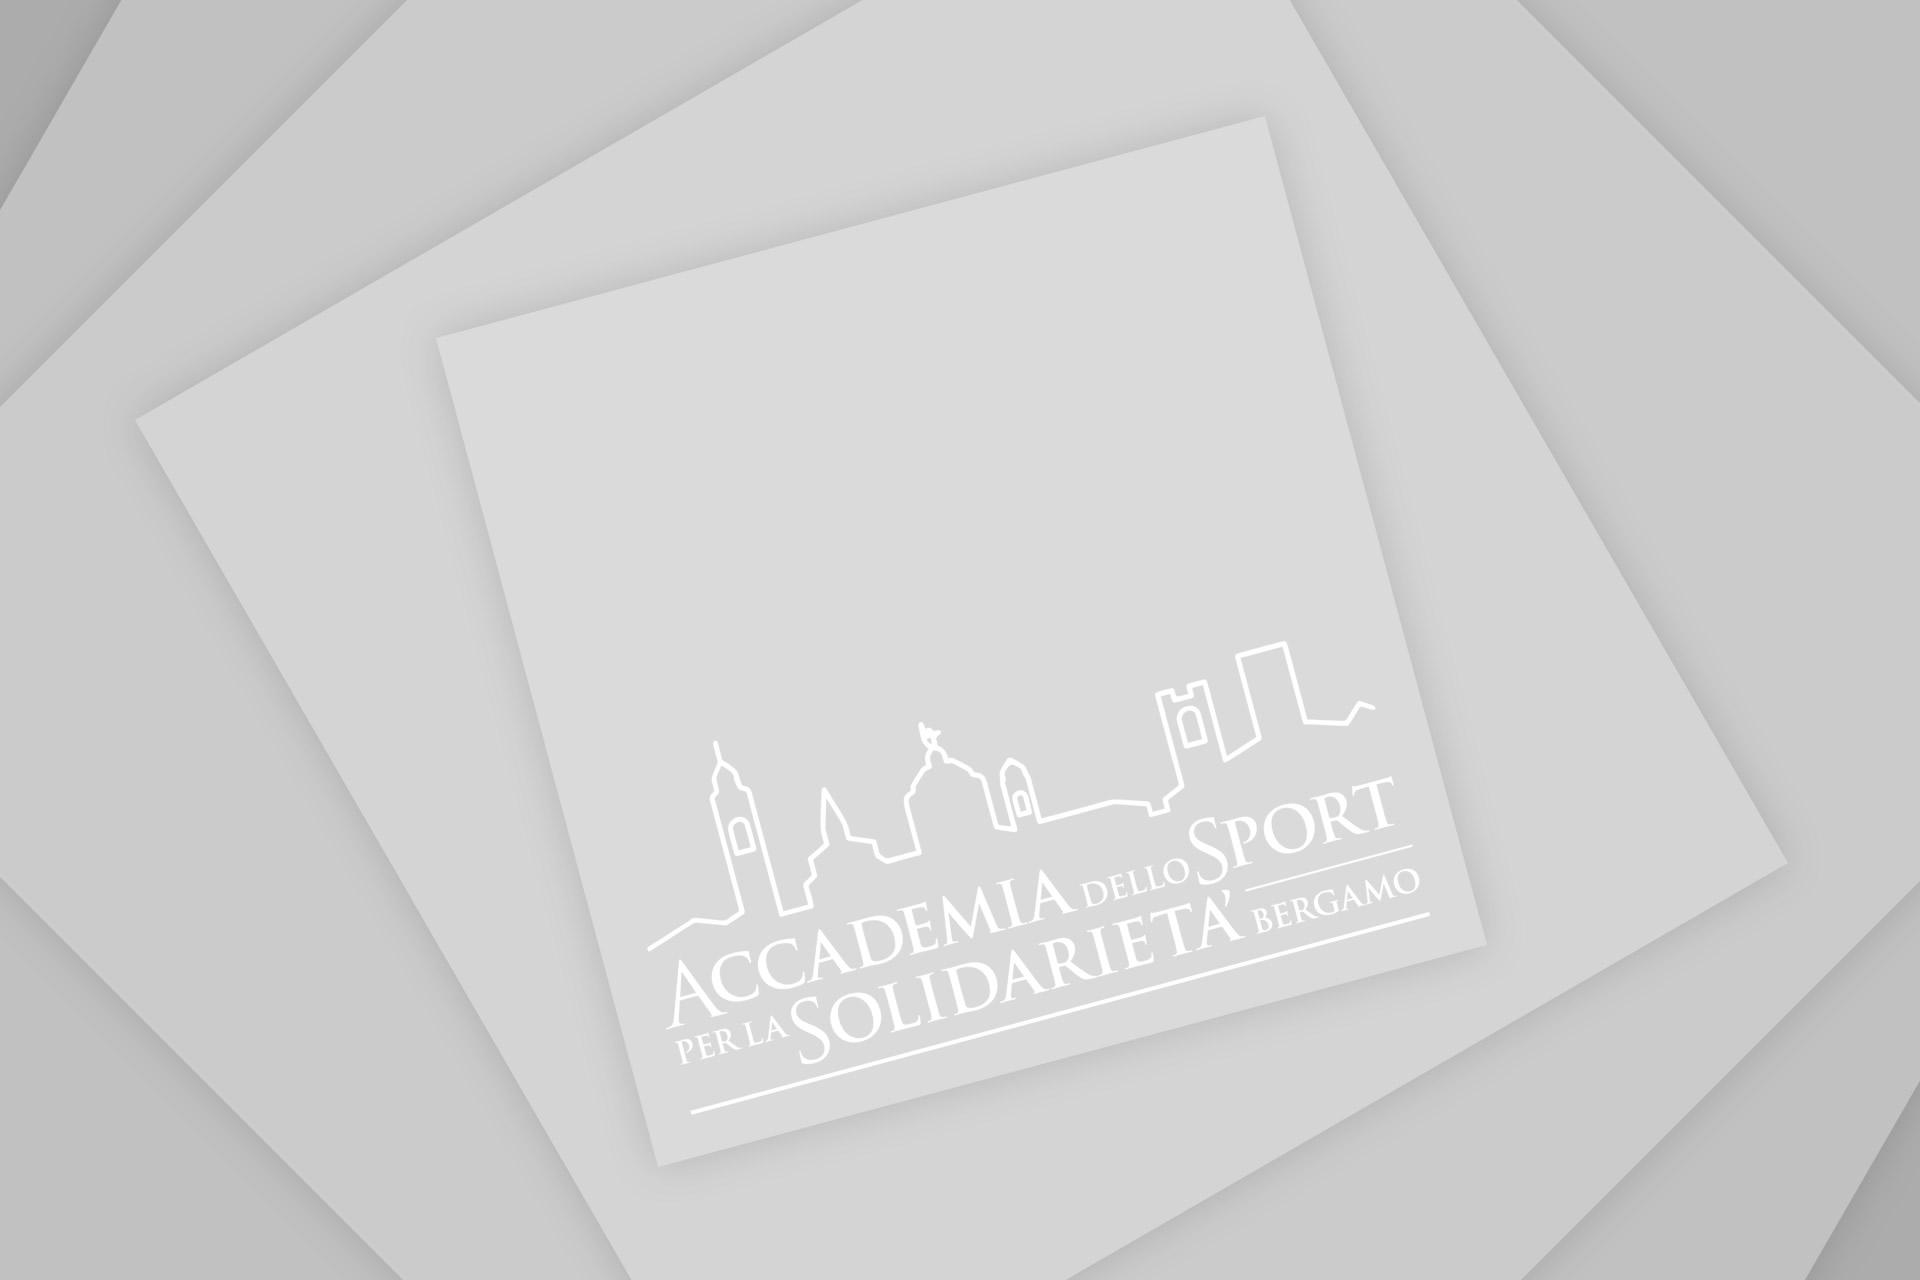 Accademia dello Sport per la Solidarietà, energia rinnovabile